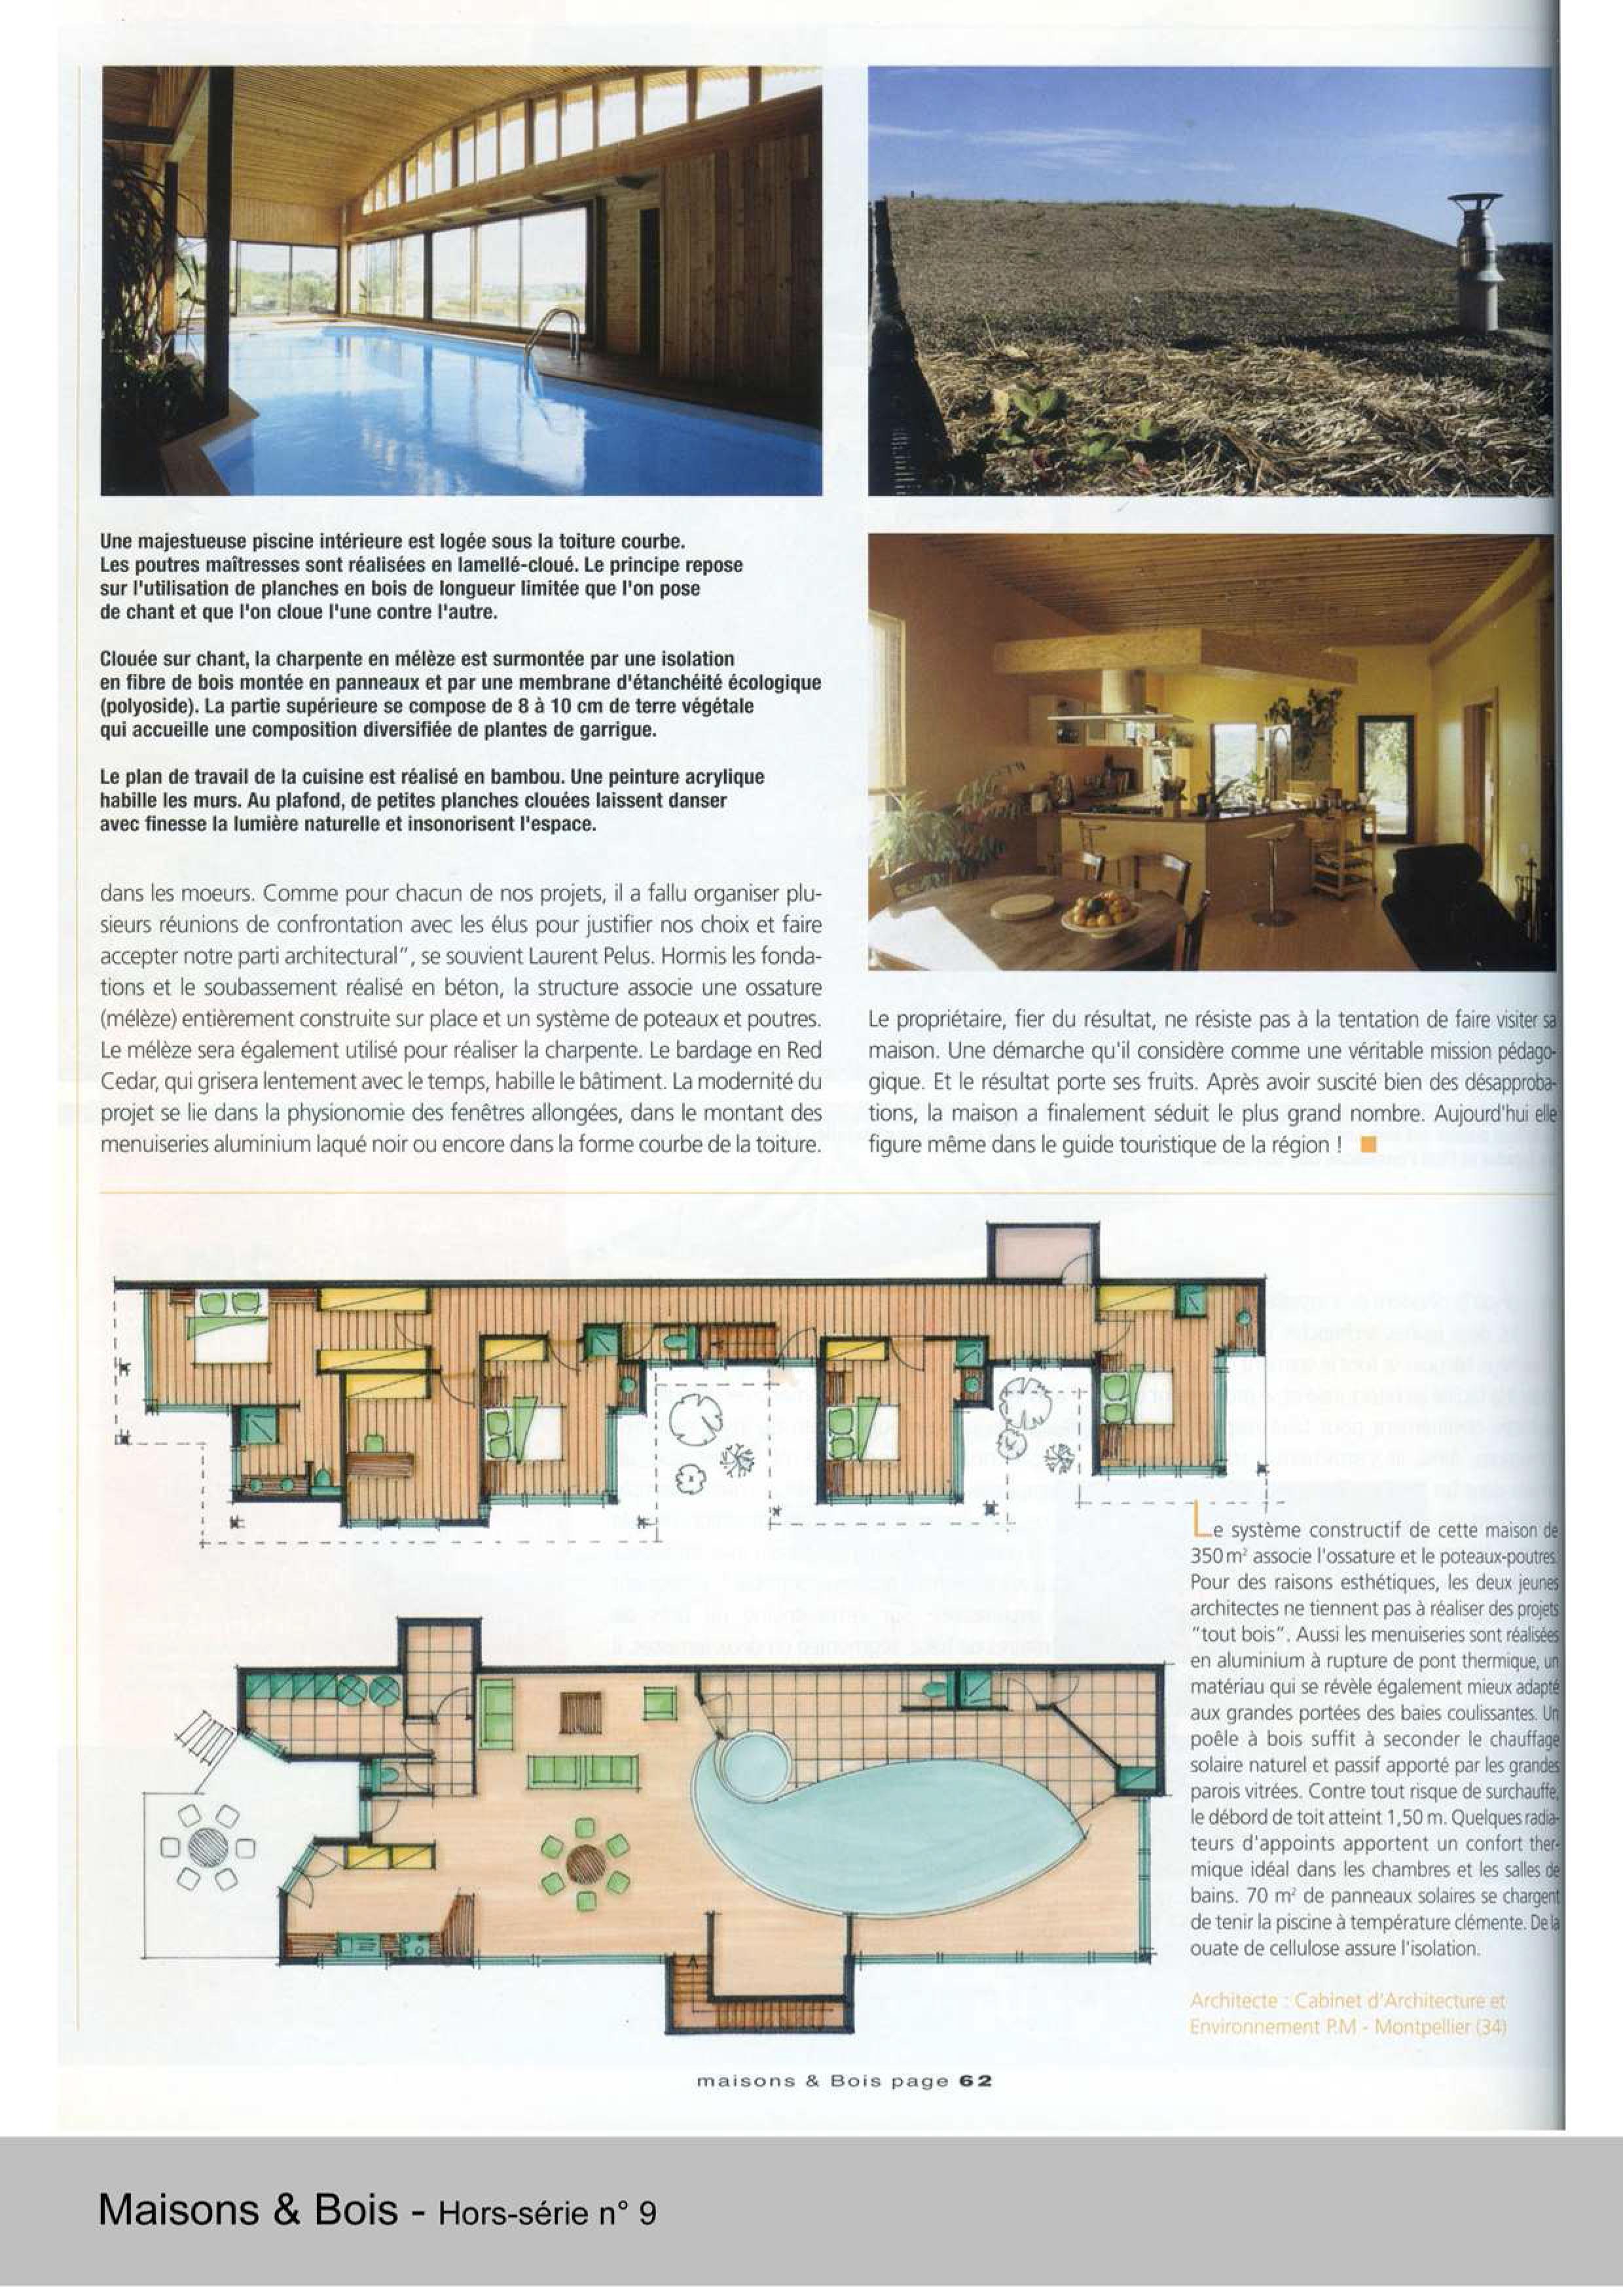 maison-bois-hors-serie-n-9-maison-ecologique-a-pezenas-2